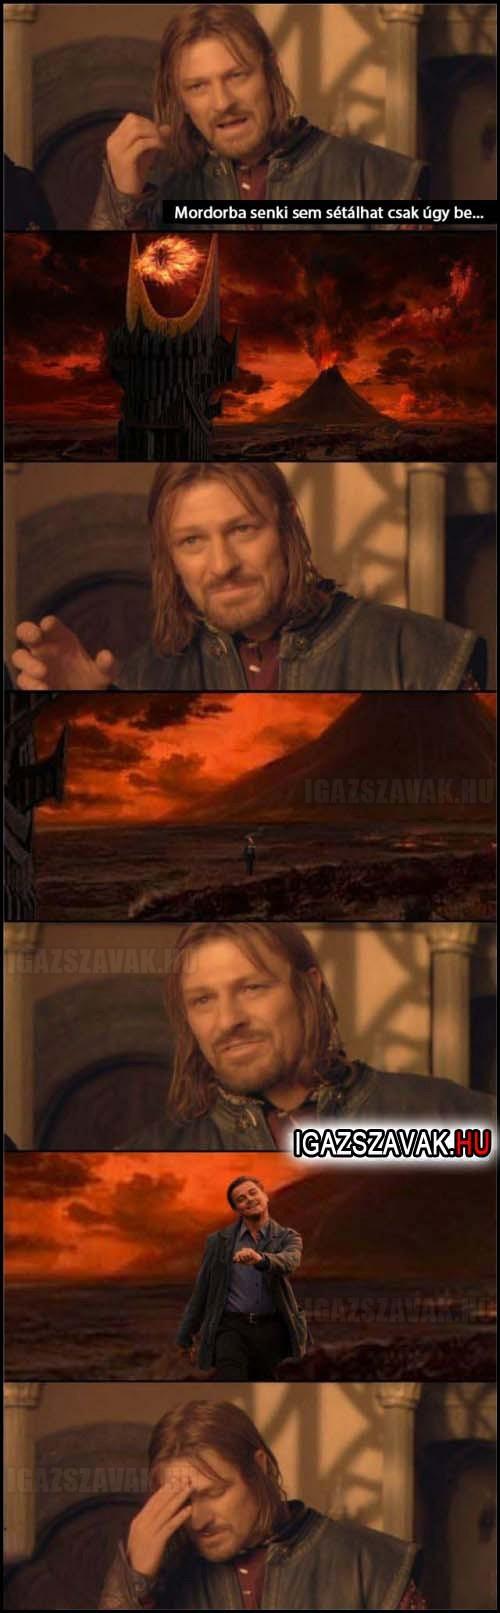 Mordorba senki sem sétálhat csak úgy be...